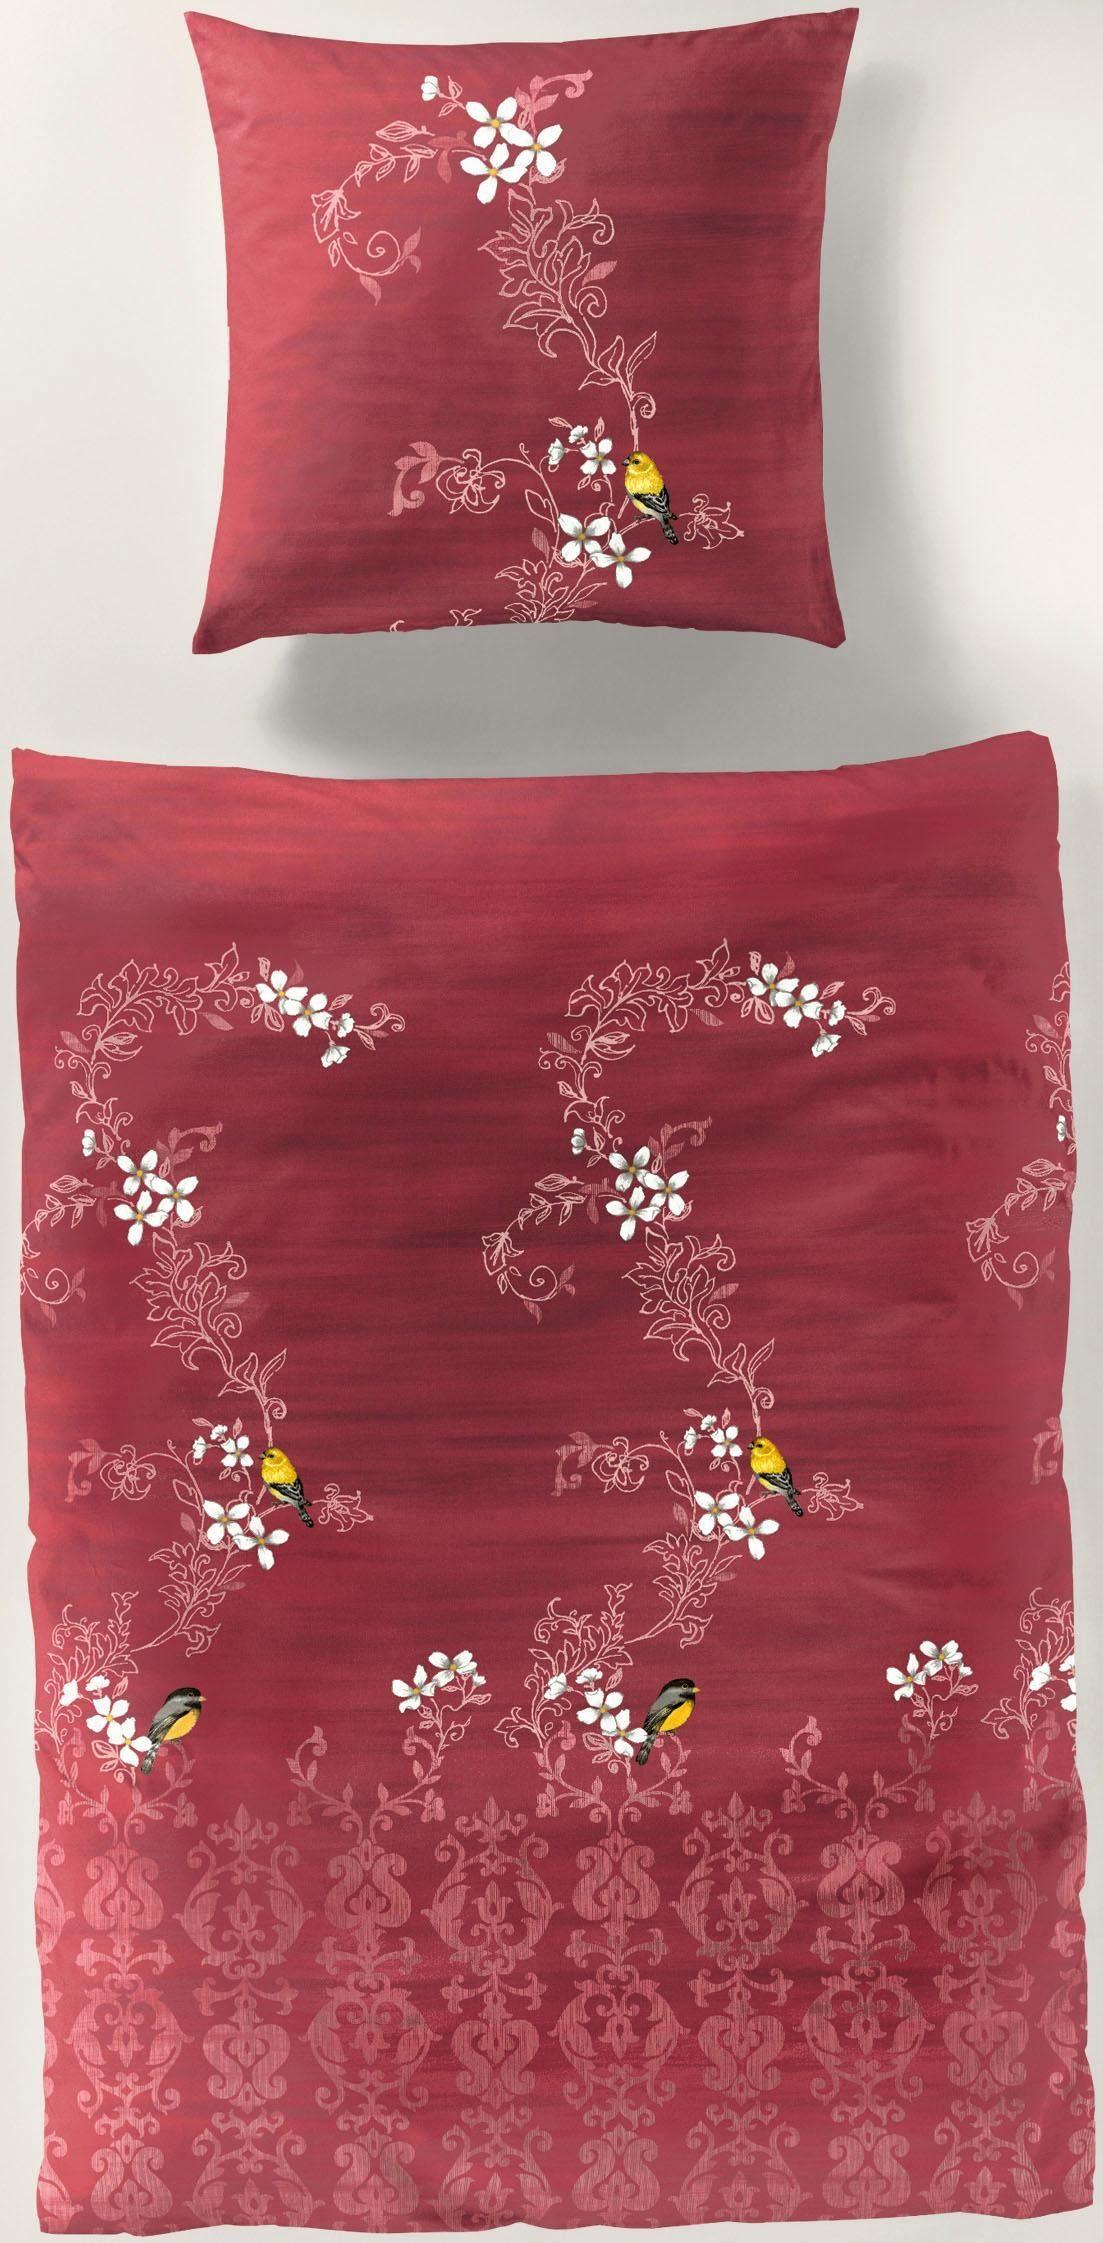 Bettwäsche red flower BIERBAUM